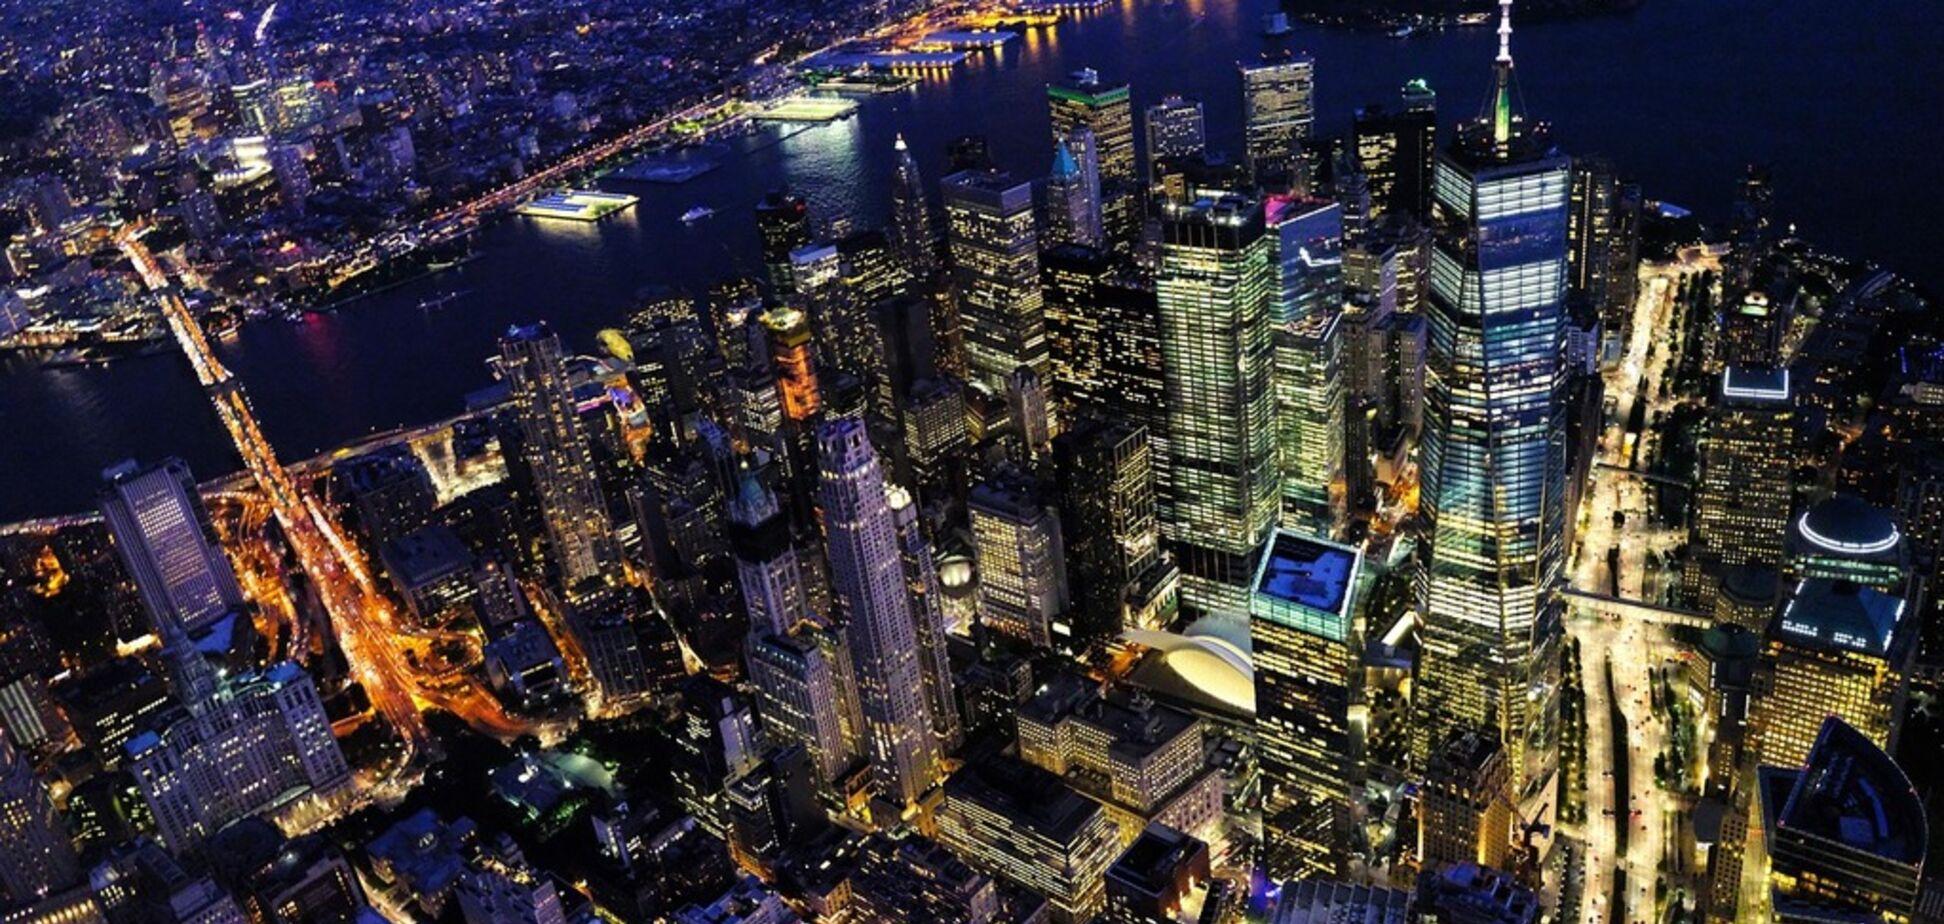 Молодята вирушили на медовий місяць у Нью-Йорк і потрапили в пекло